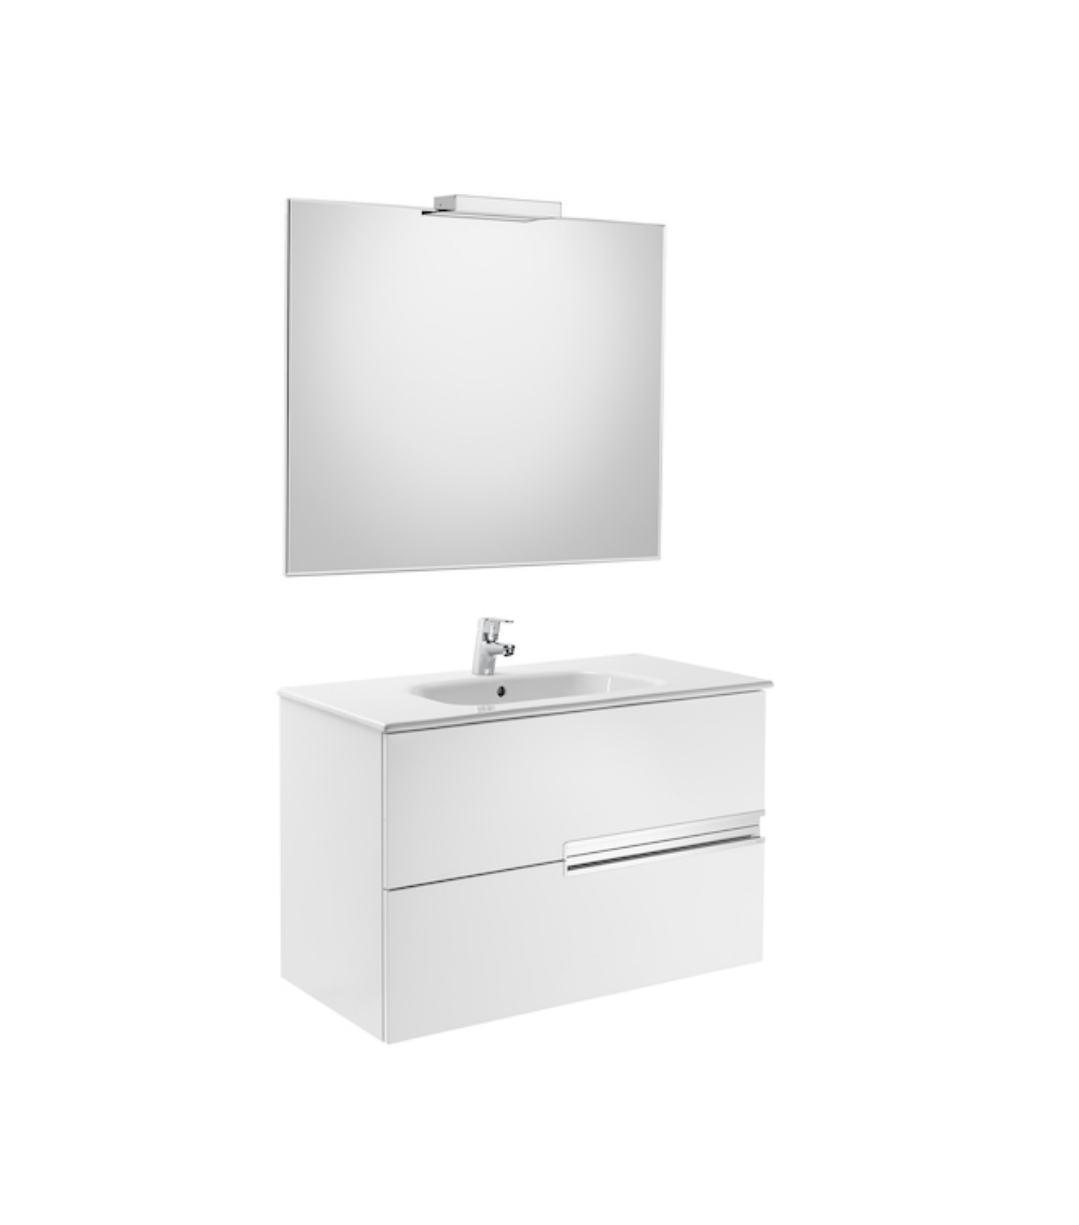 Mueble De Baño Roca | Conjunto Mueble De Bano Roca Victoria N 80x46 Blanco